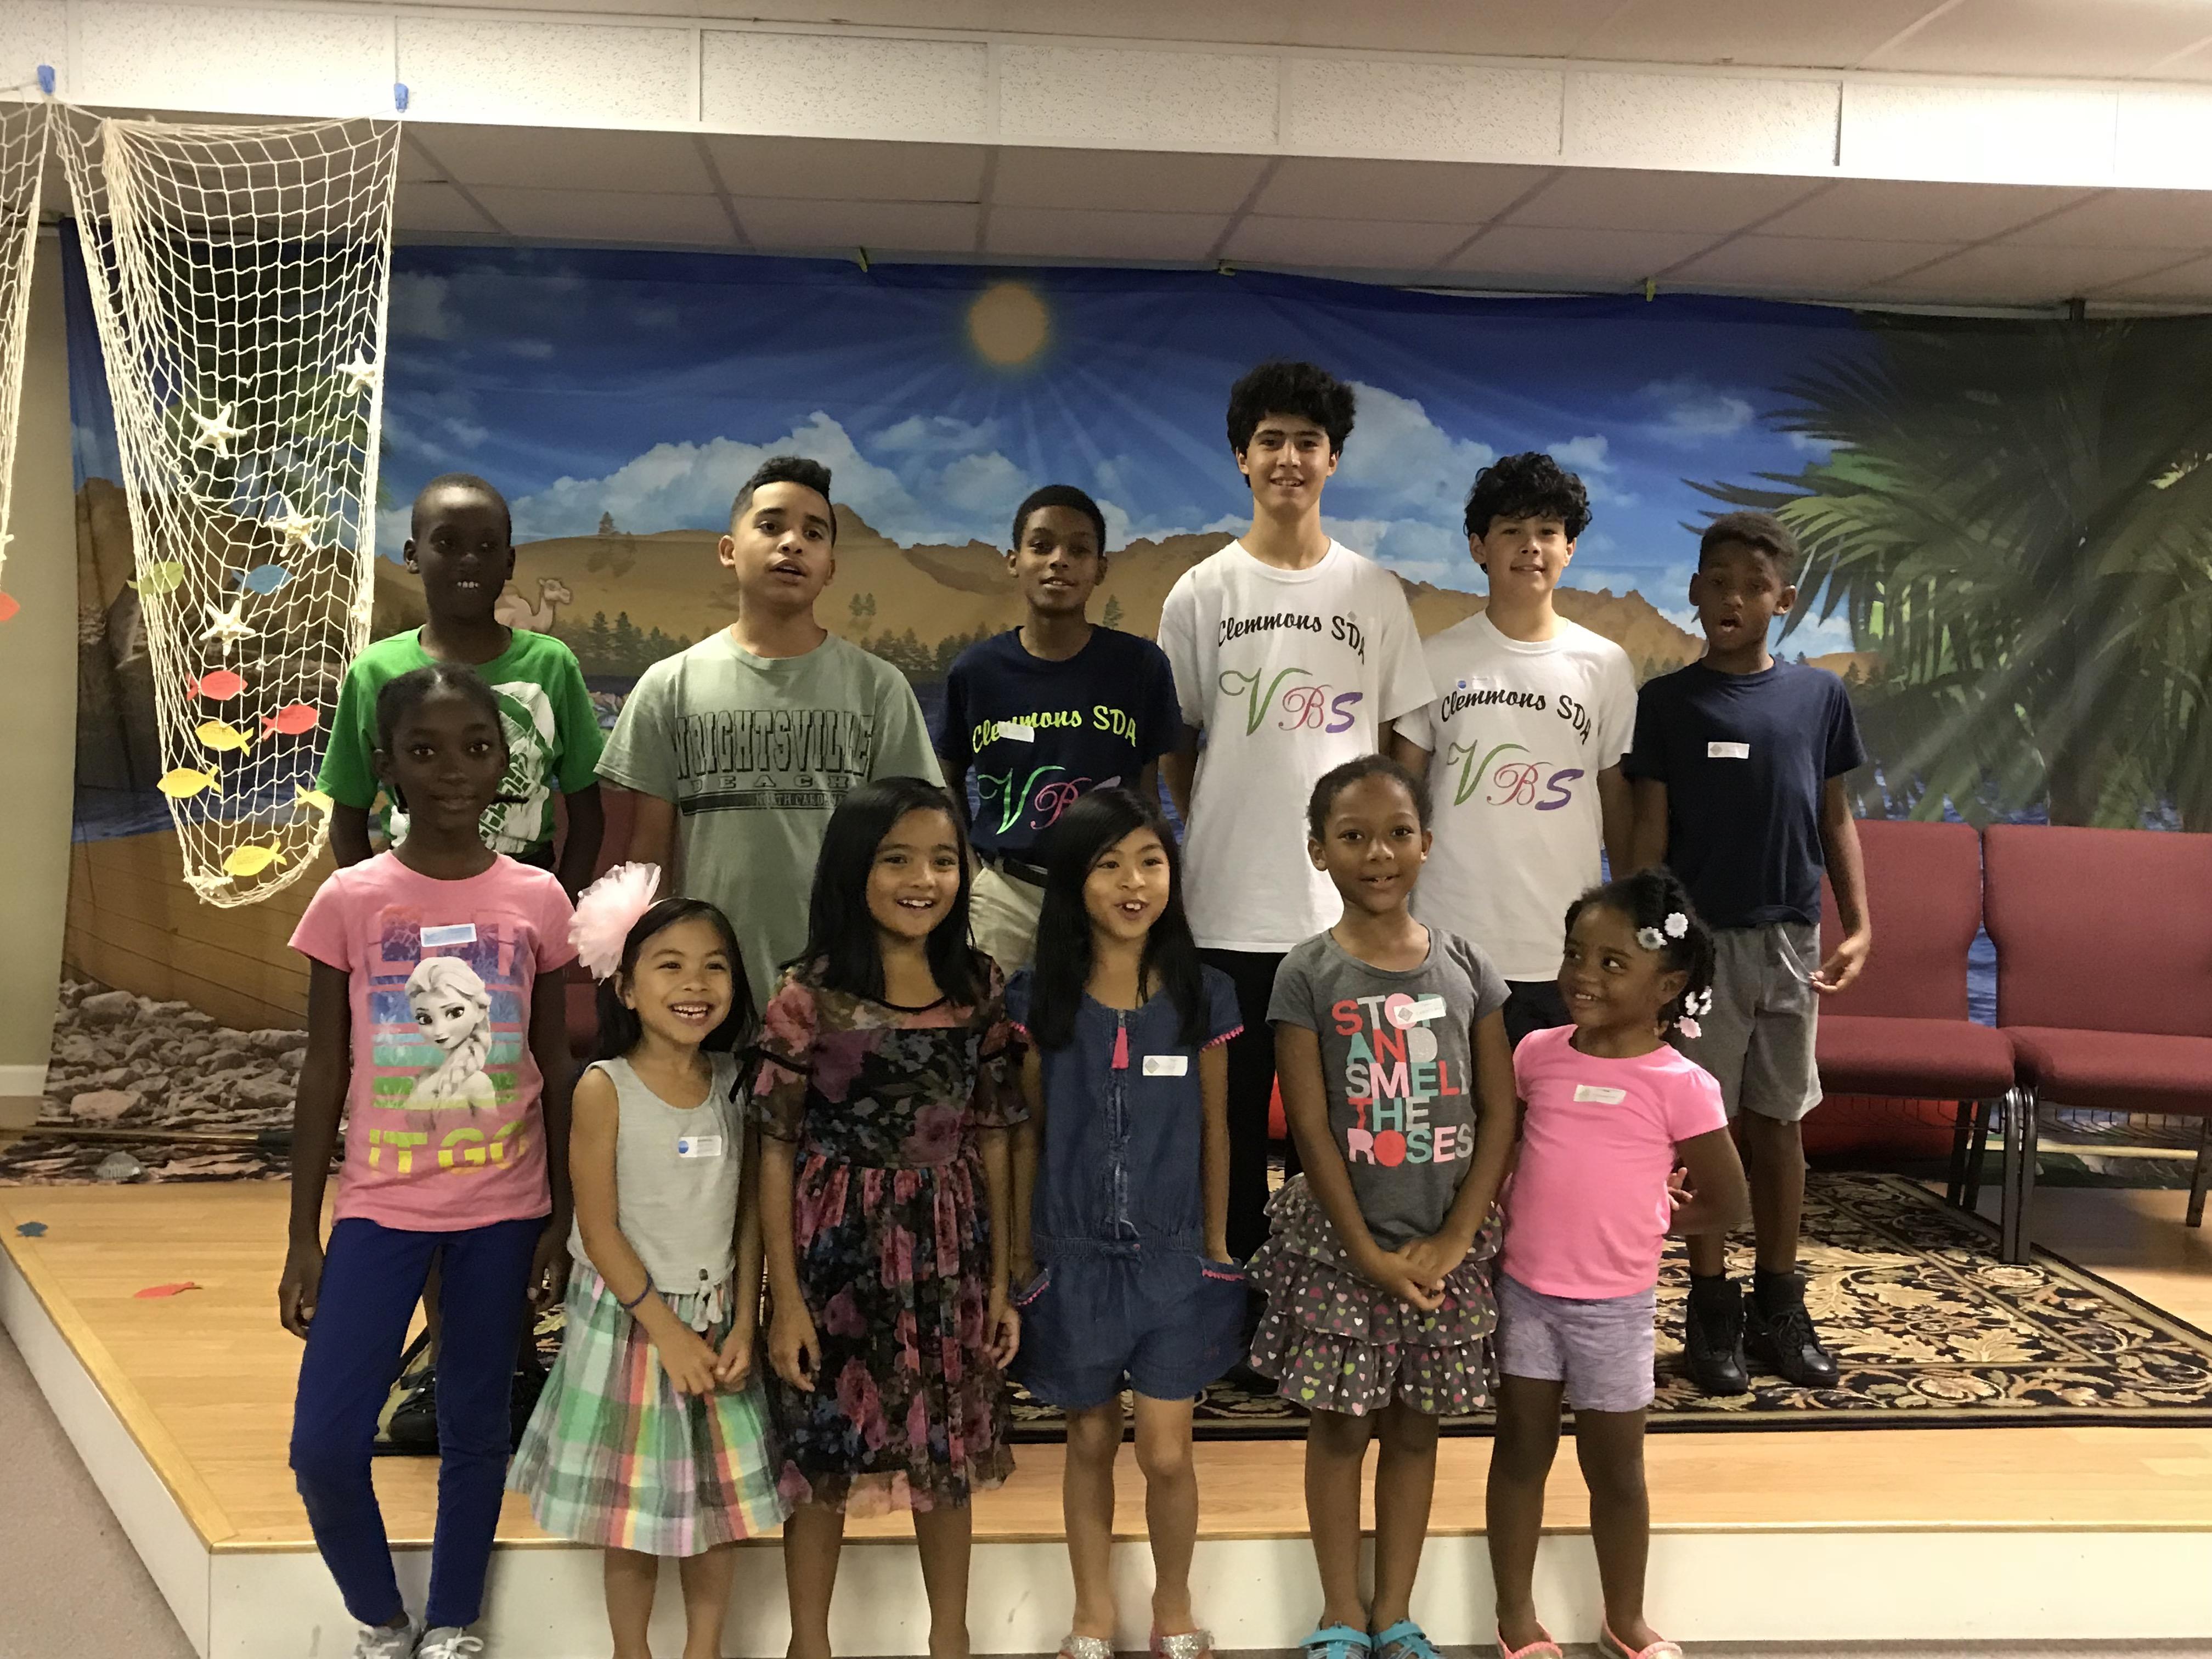 VBS participants